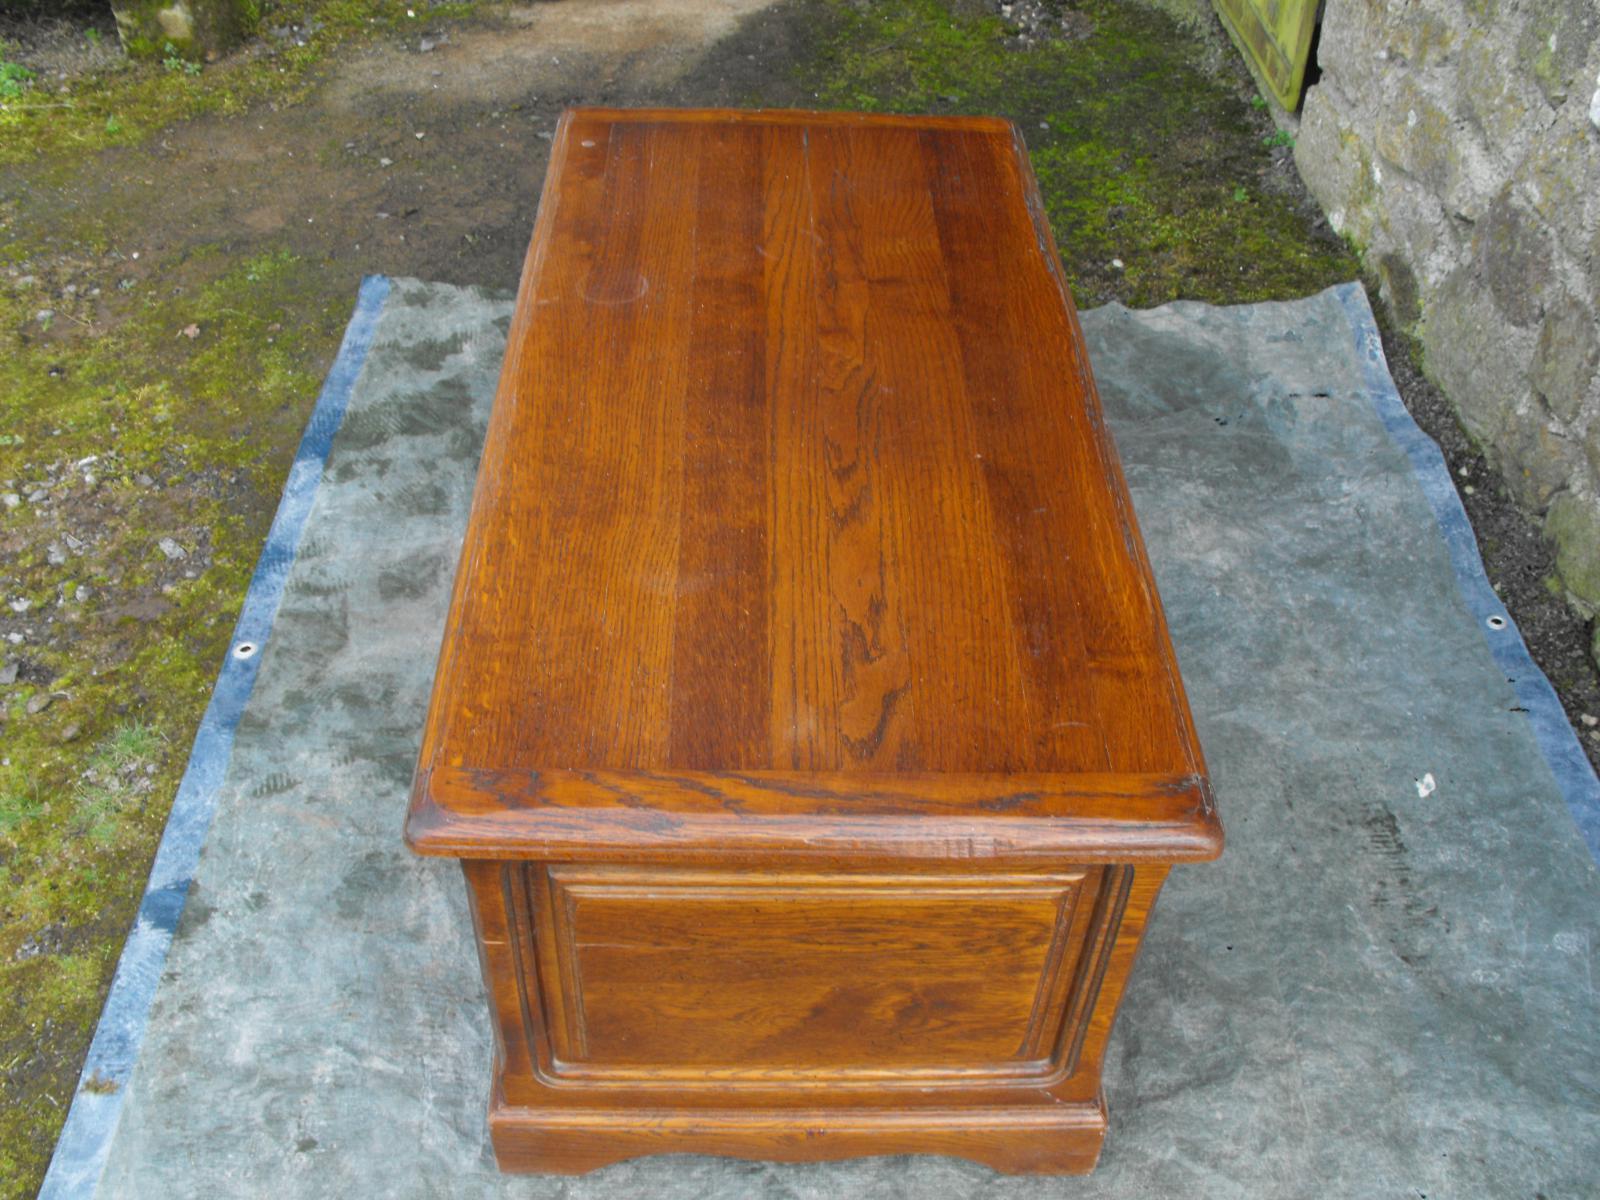 Comment reconnaitre le bois d un meuble - Comment reconnaitre le bois d un meuble ...